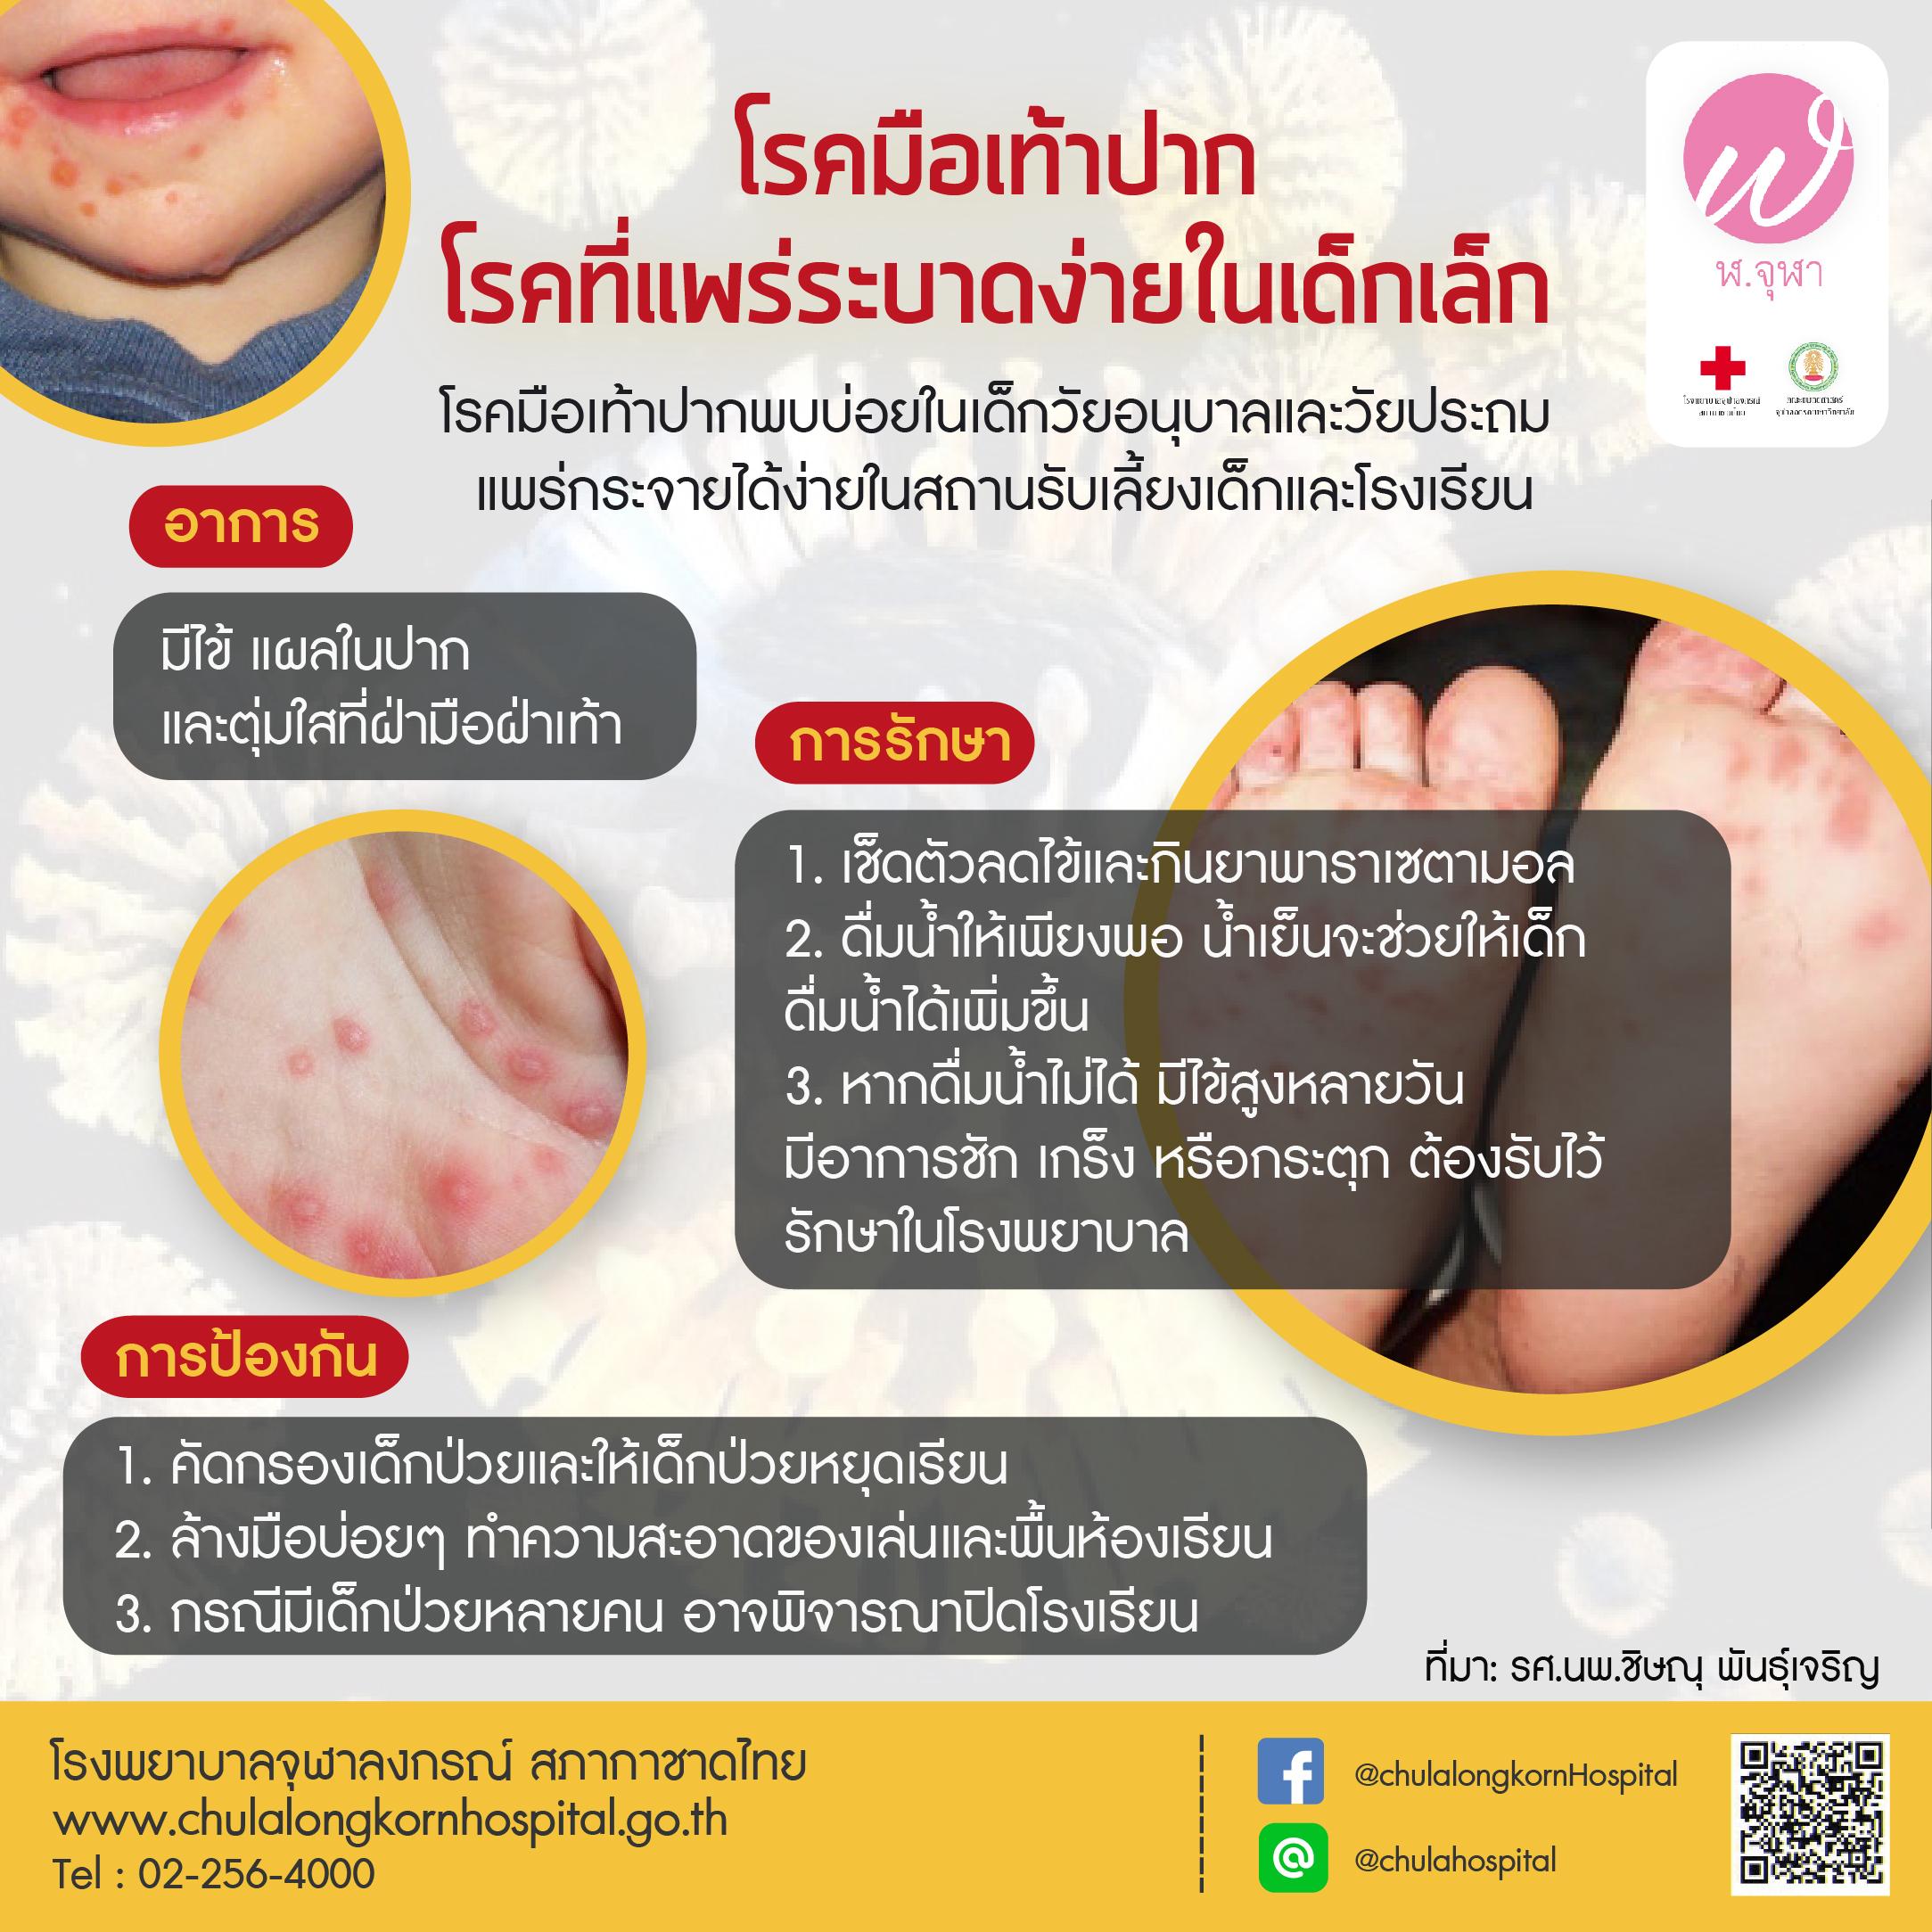 โรคมือเท้าปาก โรคที่แพร่ระบาดง่ายในเด็กเล็ก